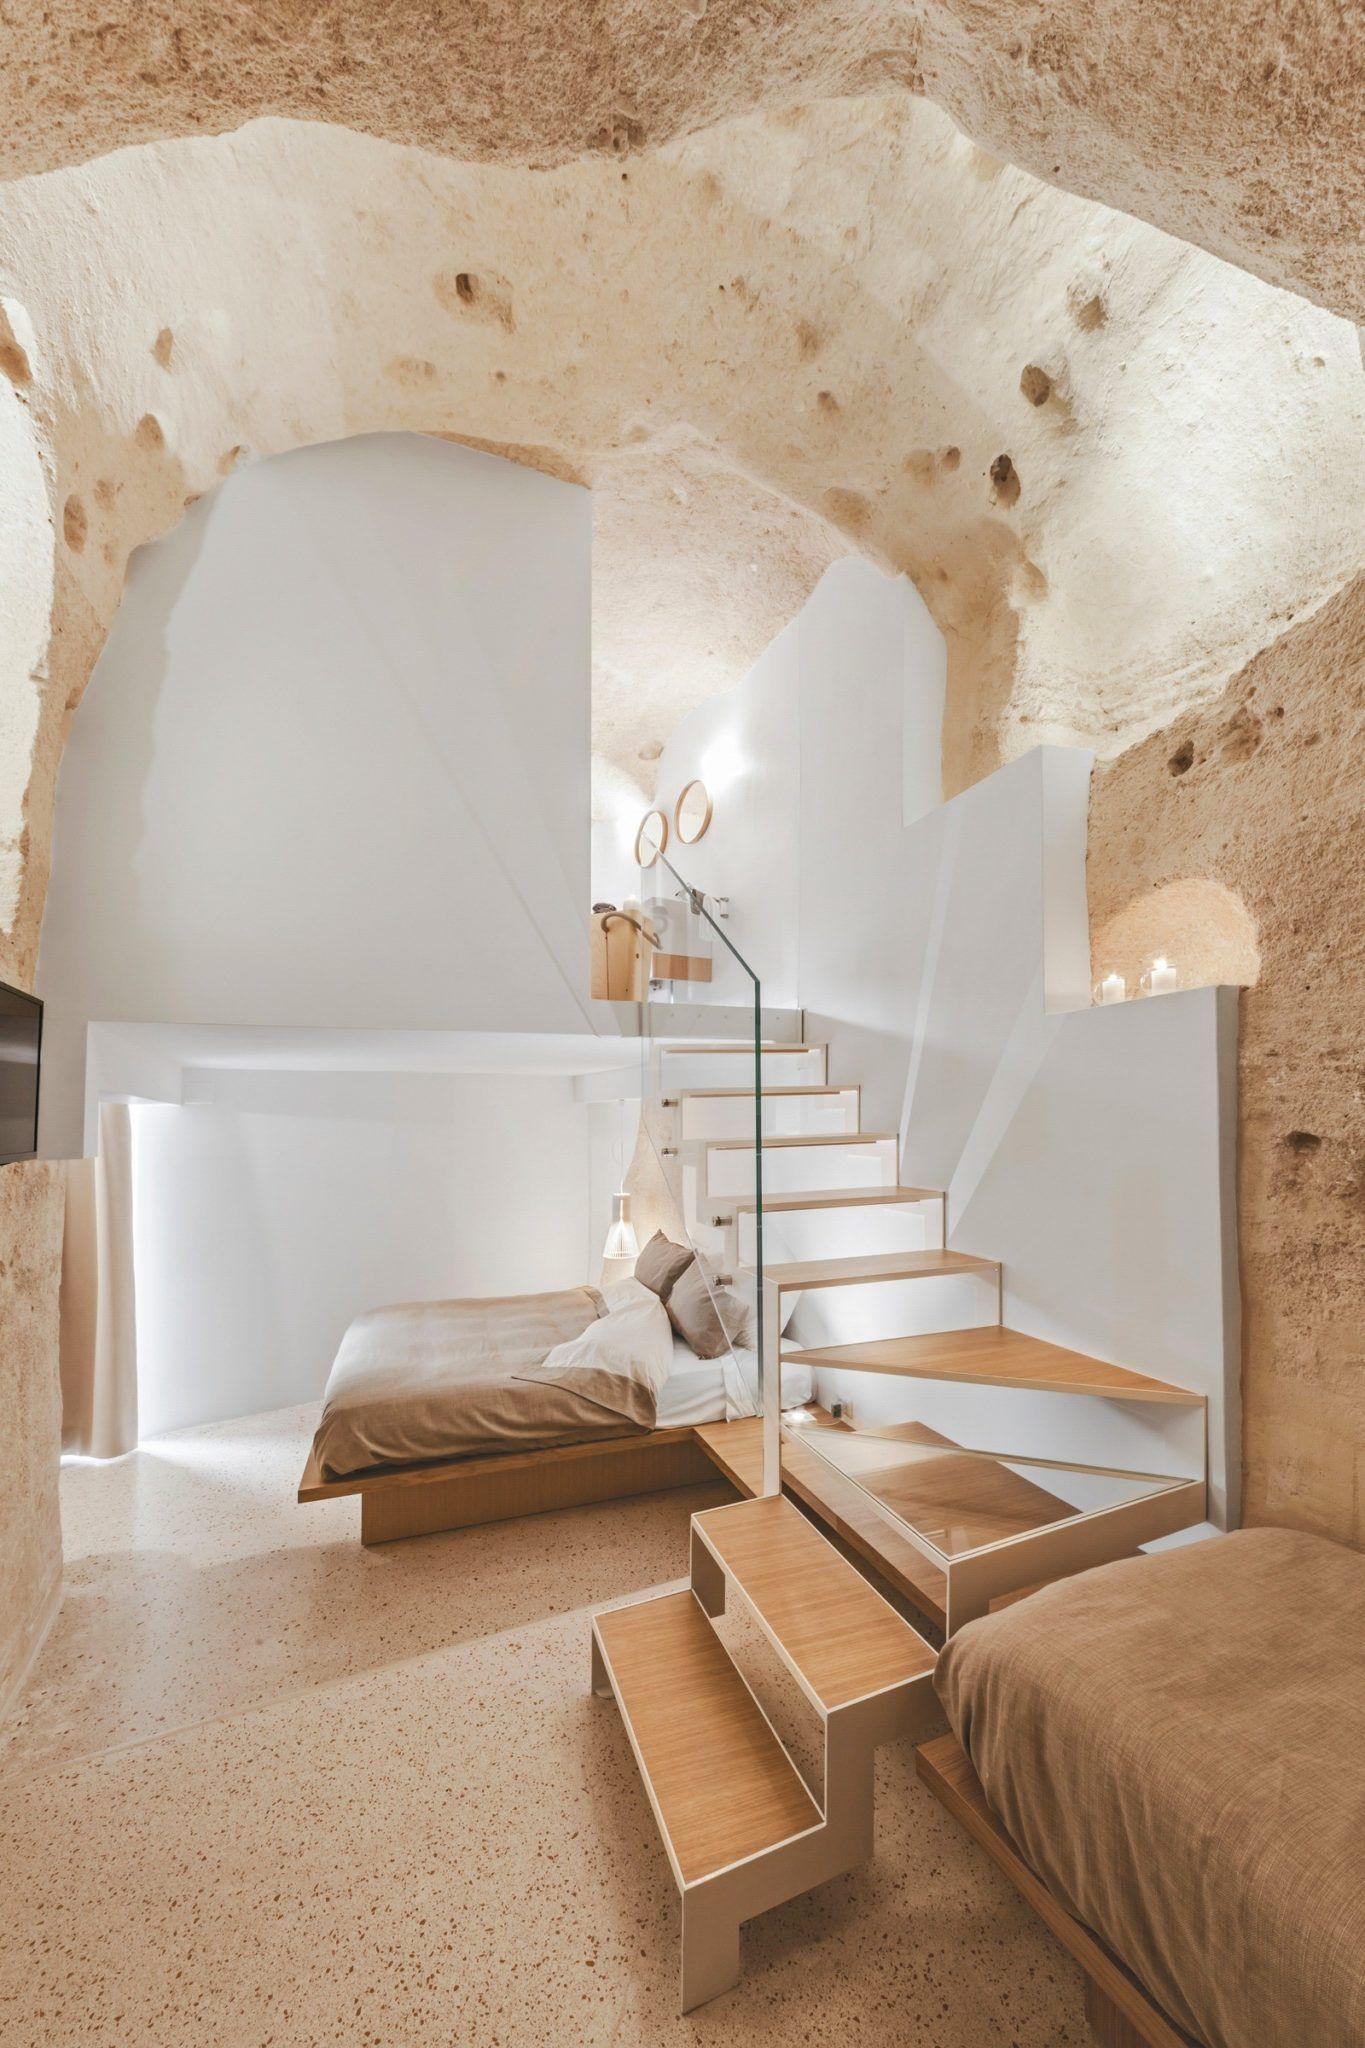 Captivating ARCHITECTURE Du0027INTERIEUR: Le Style Homme Des Cavernes   Huskdesignblog